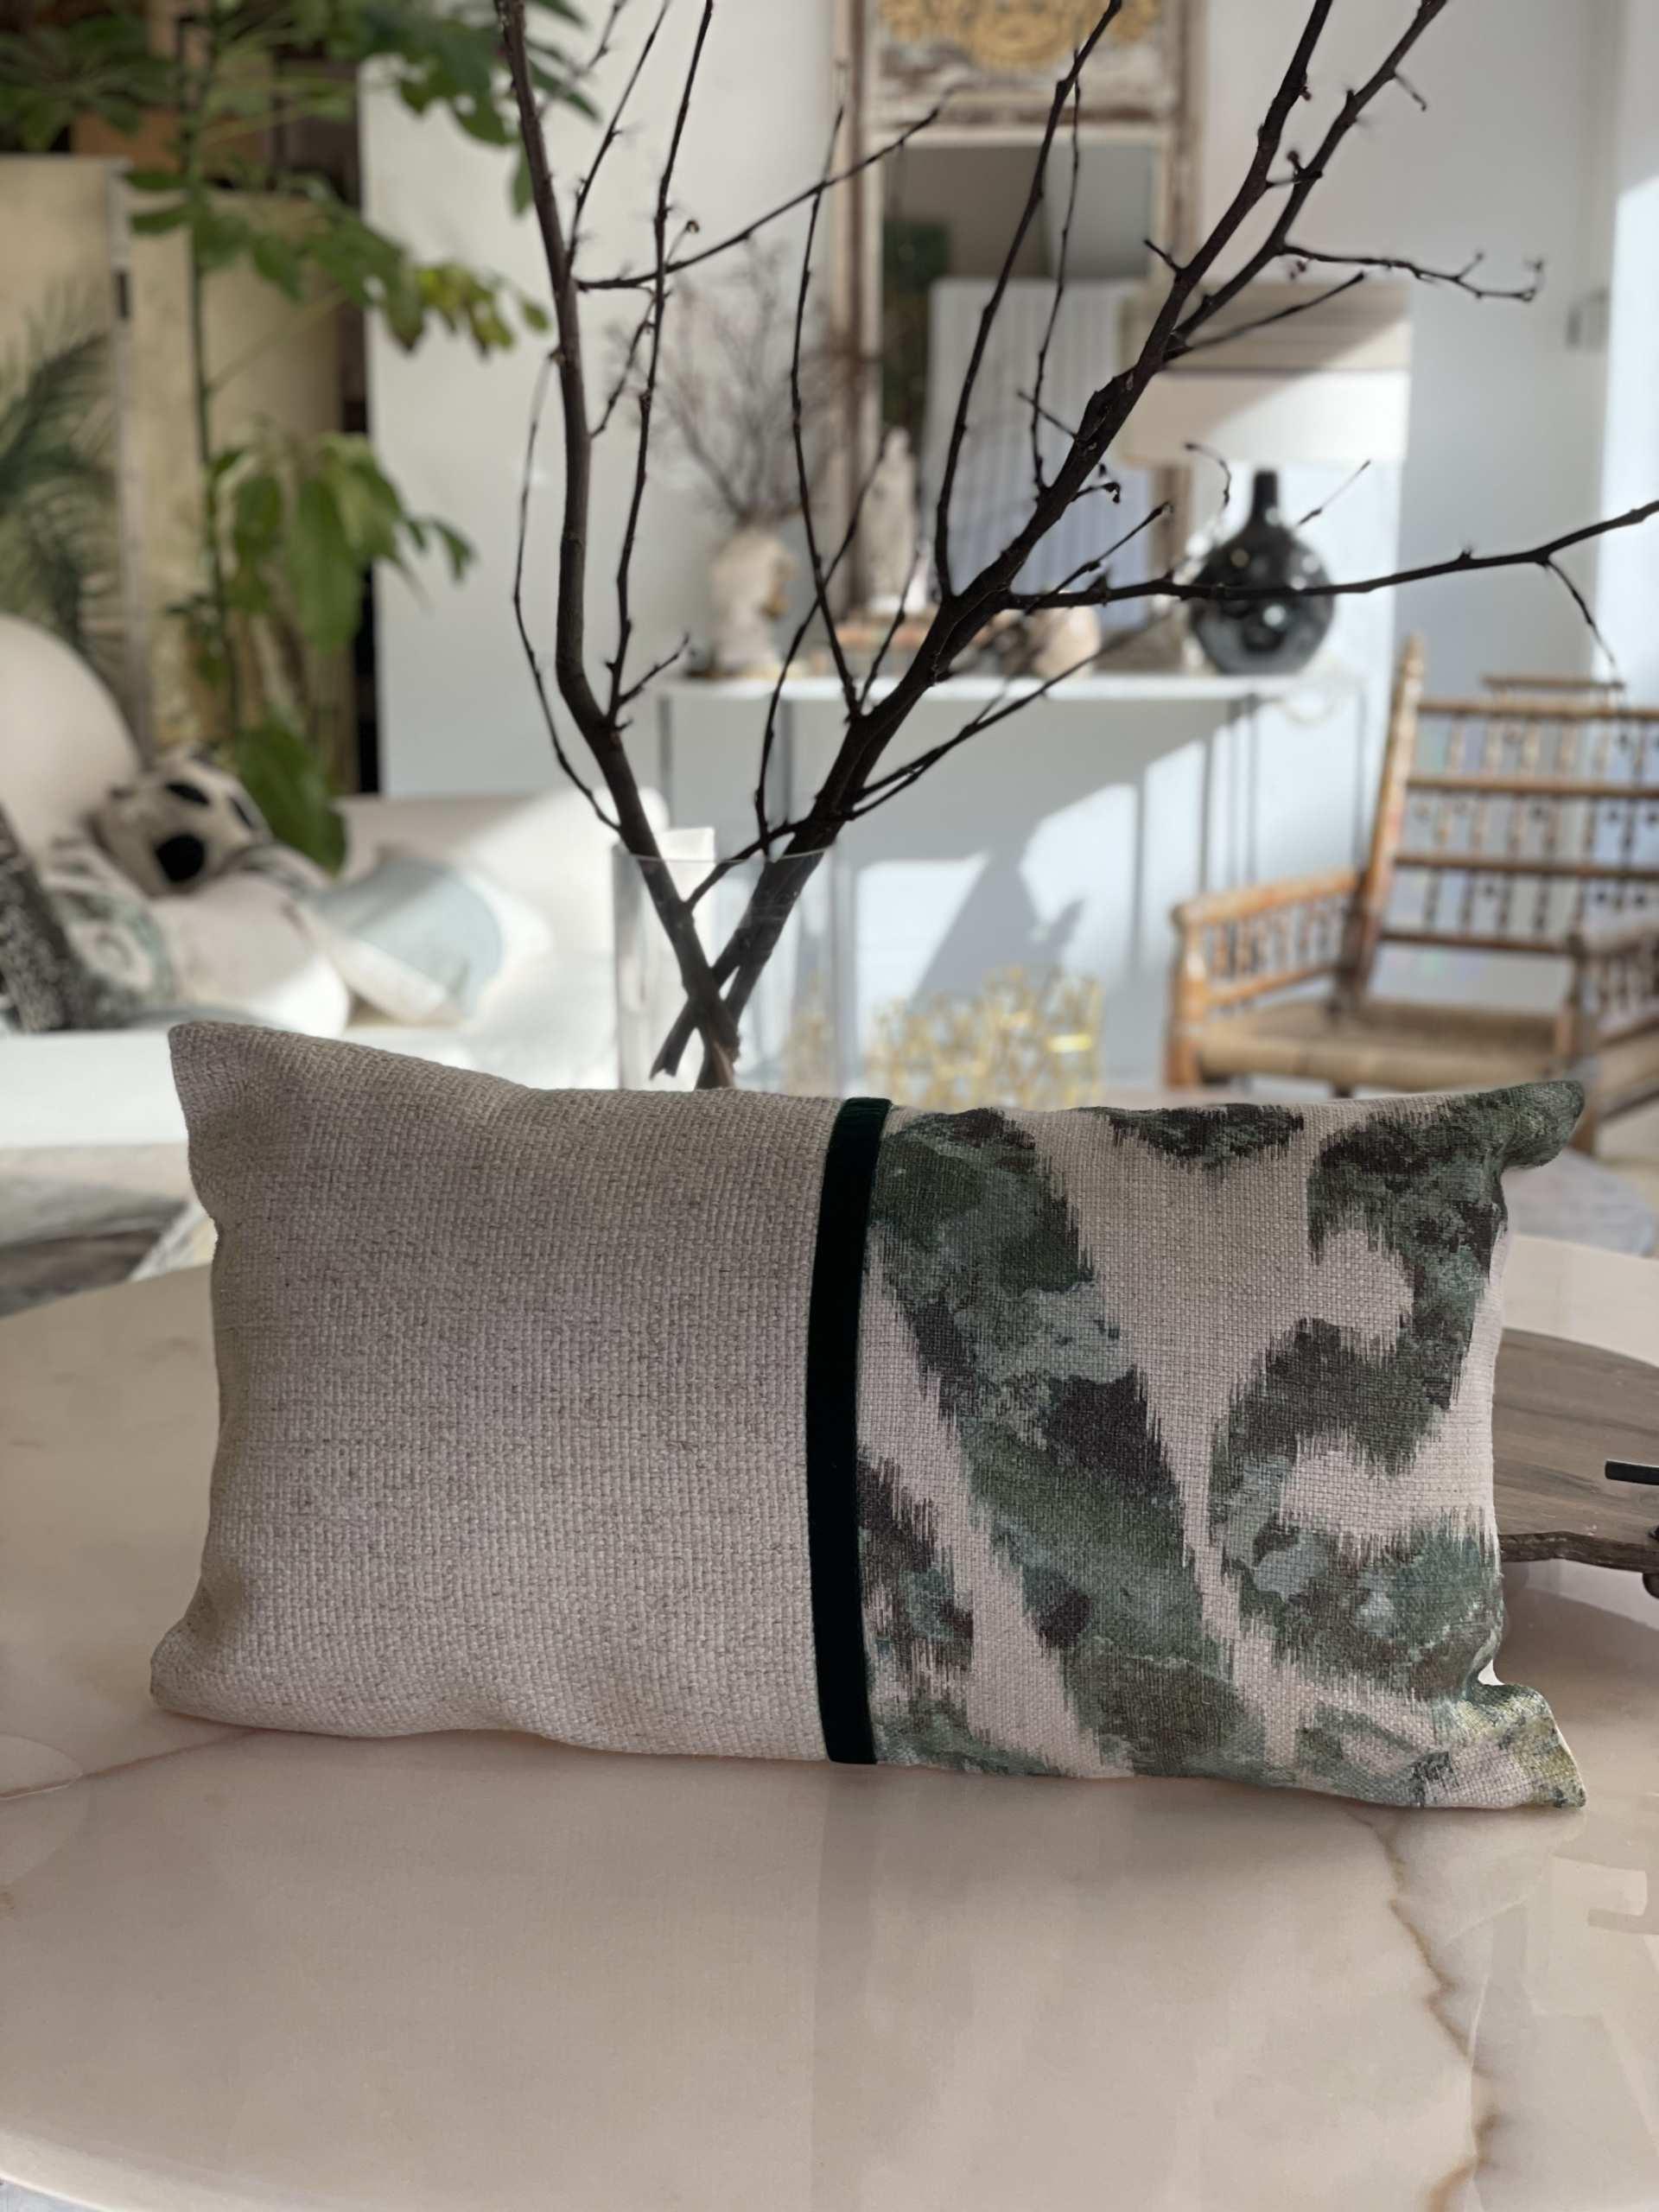 almohadonblanco y verde